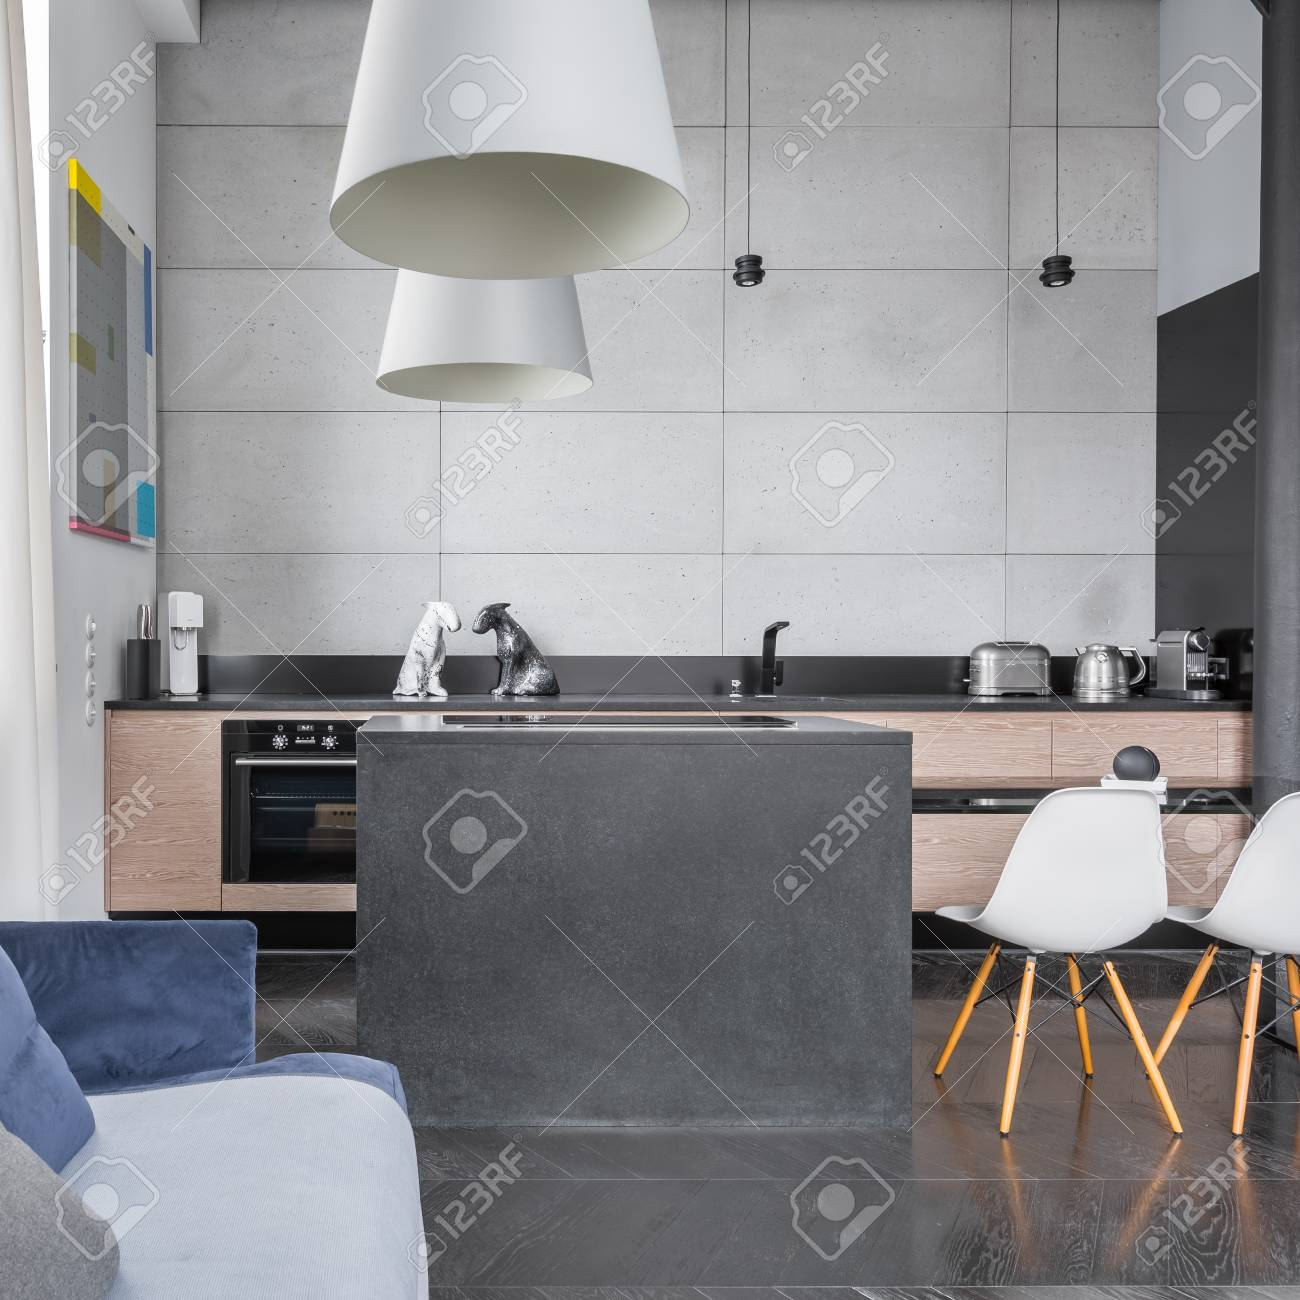 Küche Des Modernen Designs Mit Insel, Tabelle Mit Weißen ...